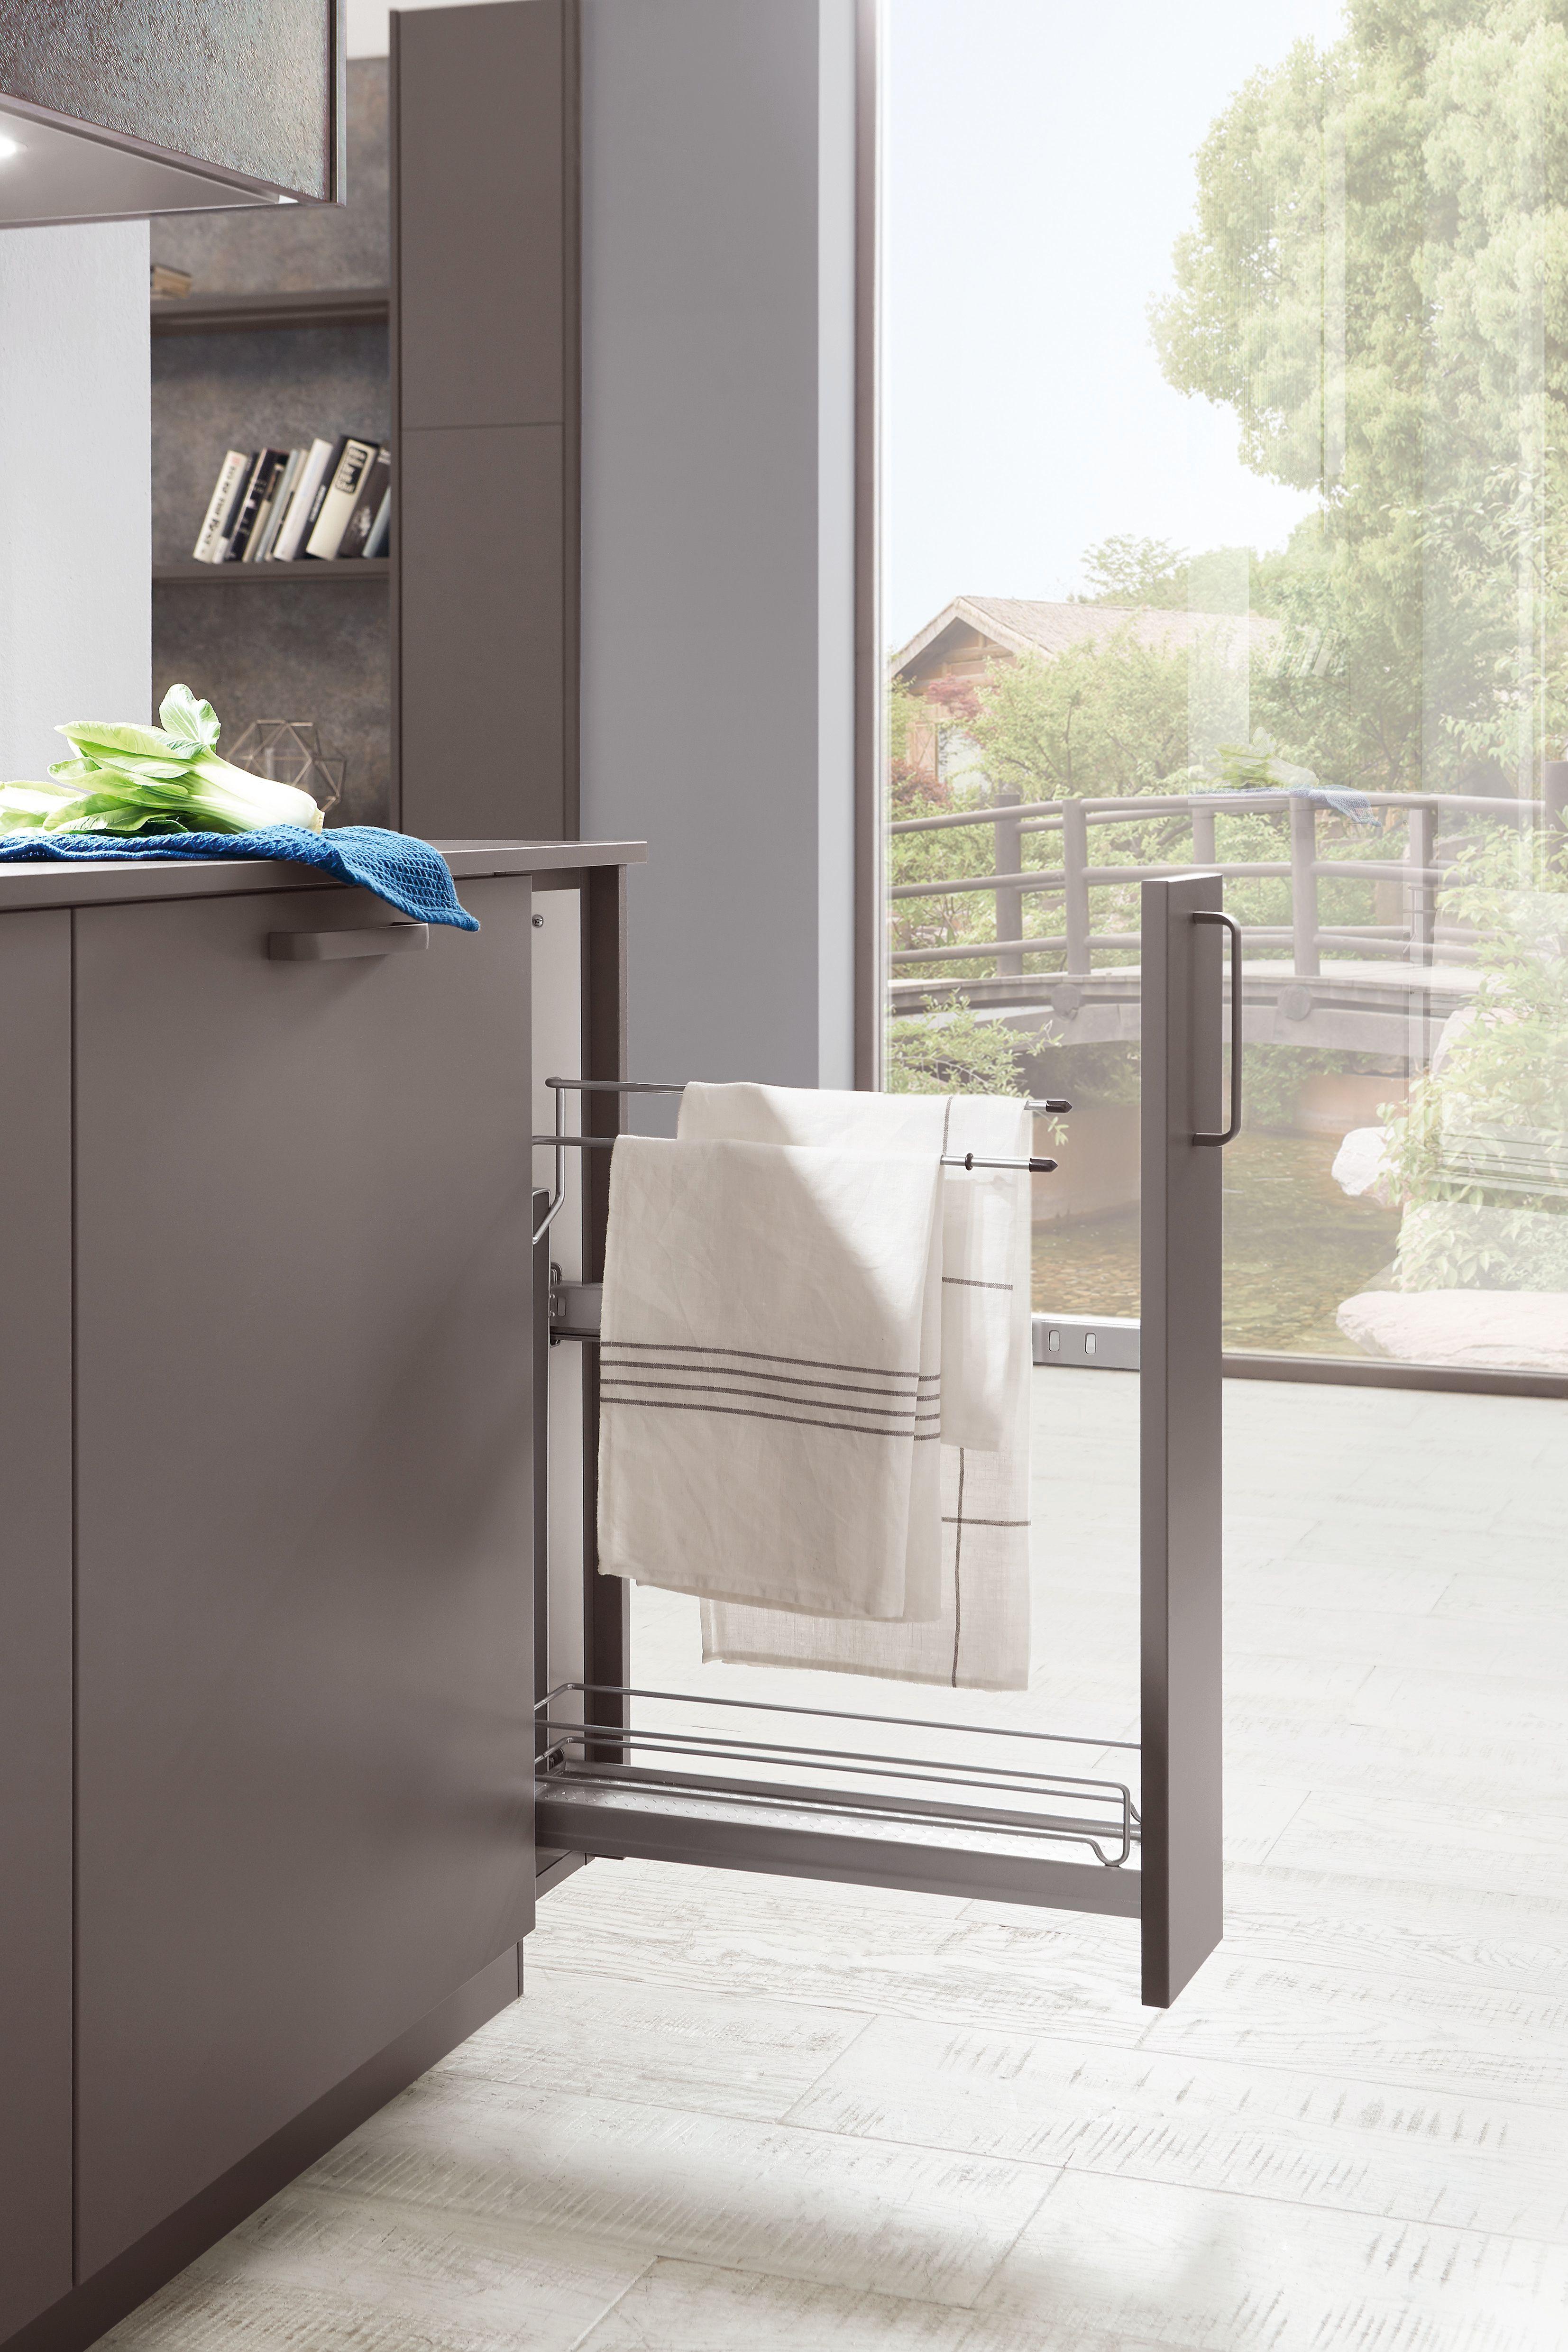 15 cm auszugschrank handtuchhalter | handtuchhalter küche